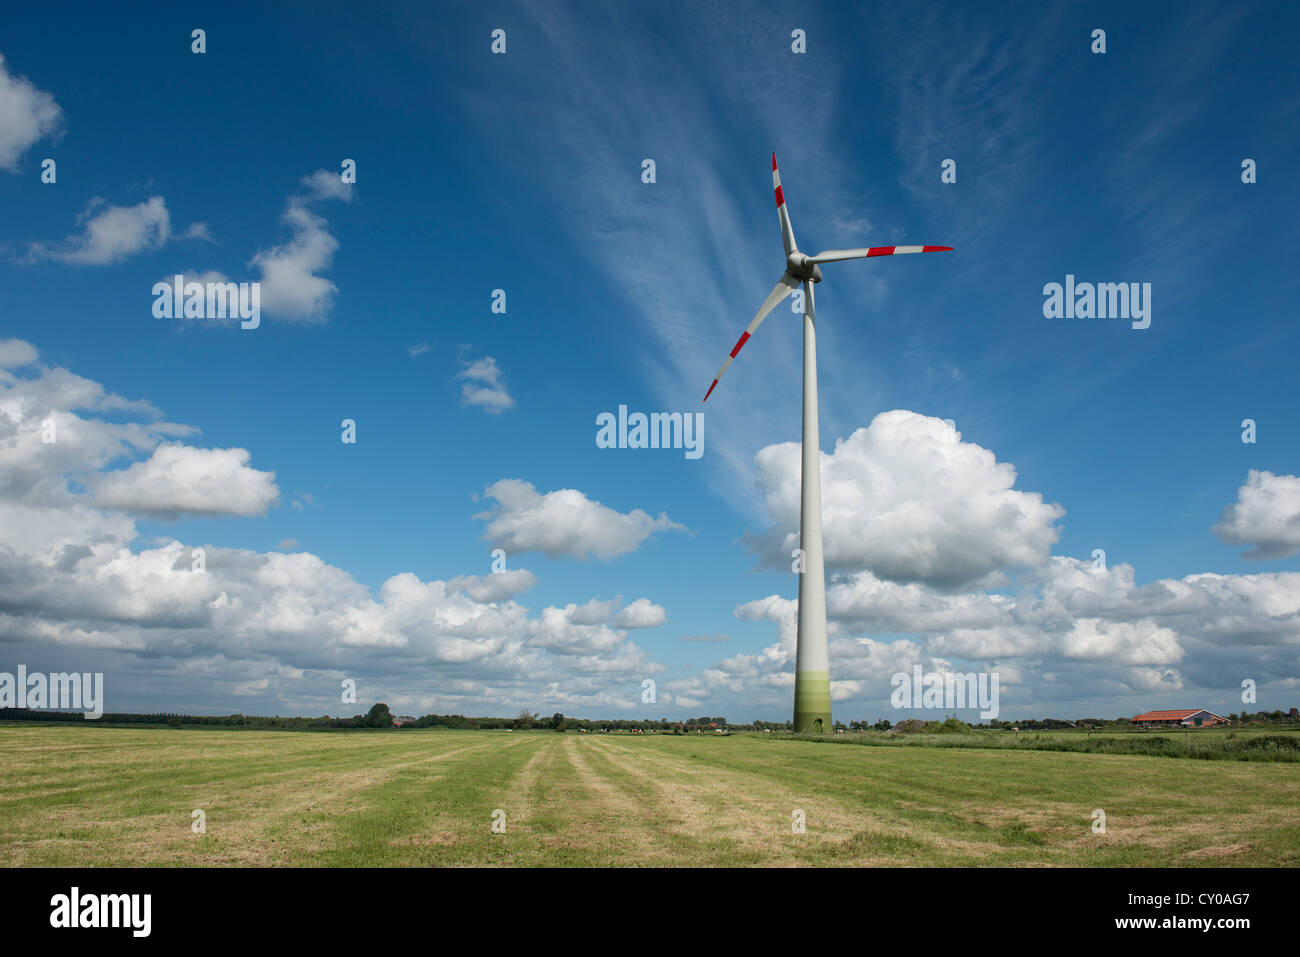 Windkraftanlage auf landwirtschaftlichen Nutzflächen, erneuerbare Energien, wind Energie, Ostfriesland, Niedersachsen, Stockbild